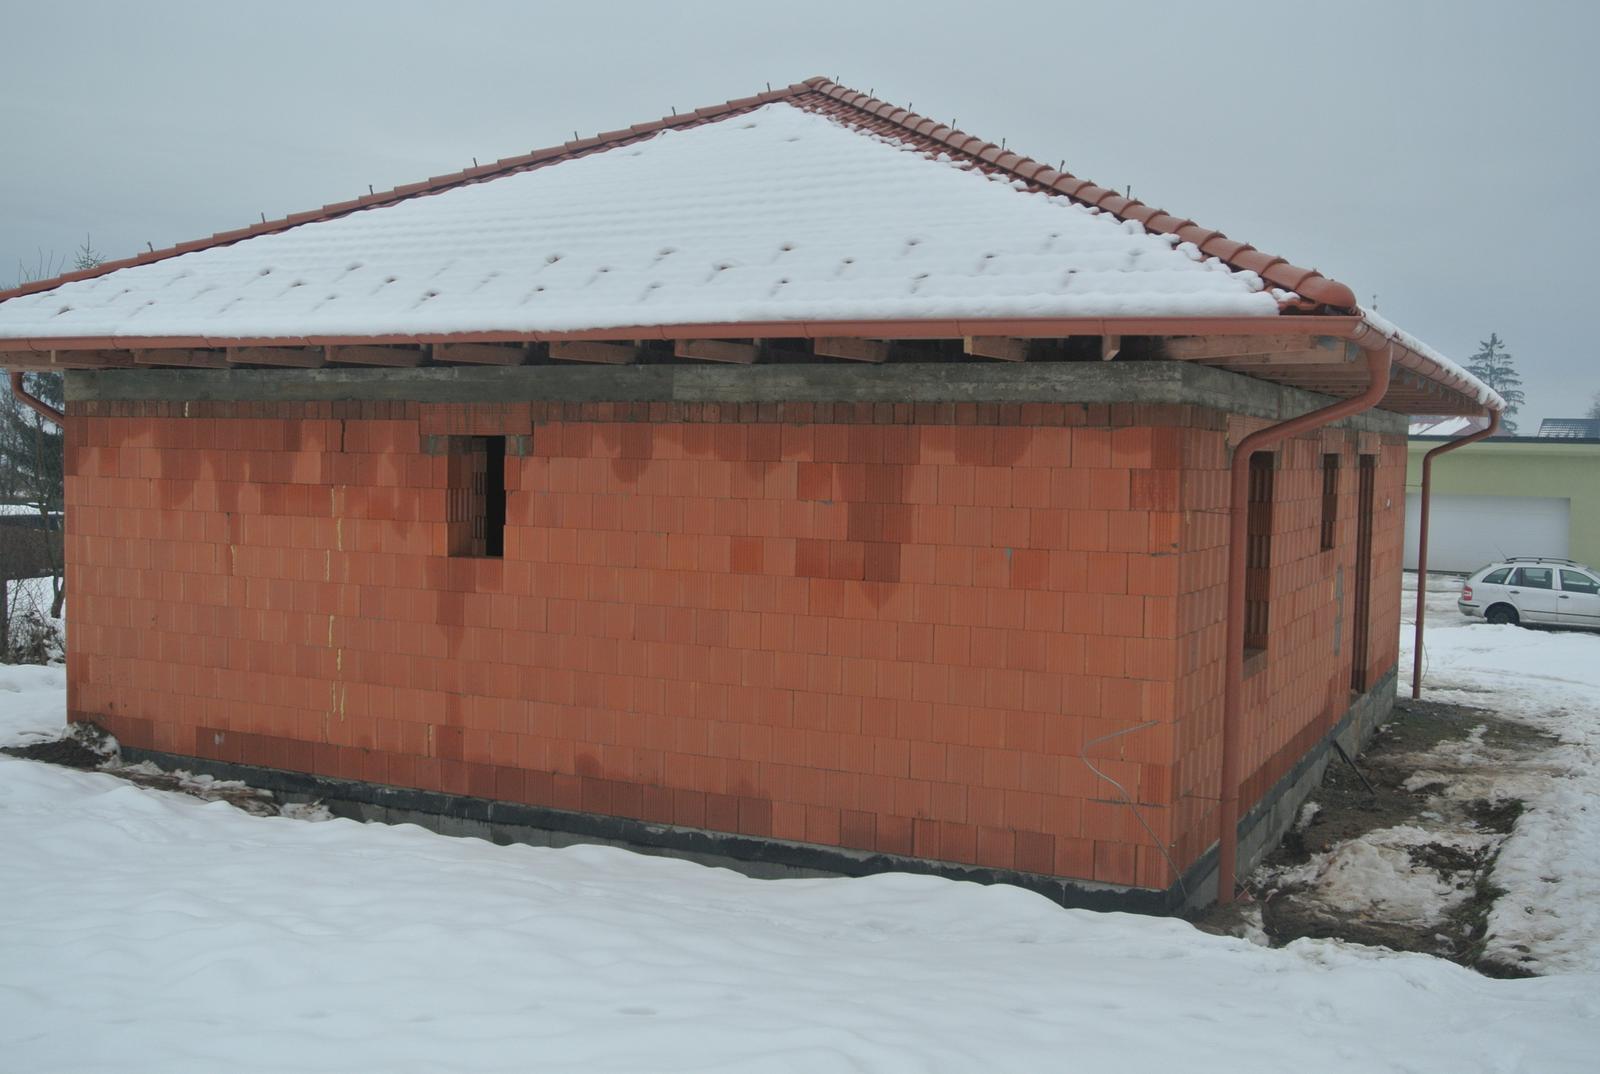 A bude domček ... - Strechári sa mi smiali, že konečne robia jednu červenú strechu po mnohých čiernych :-)